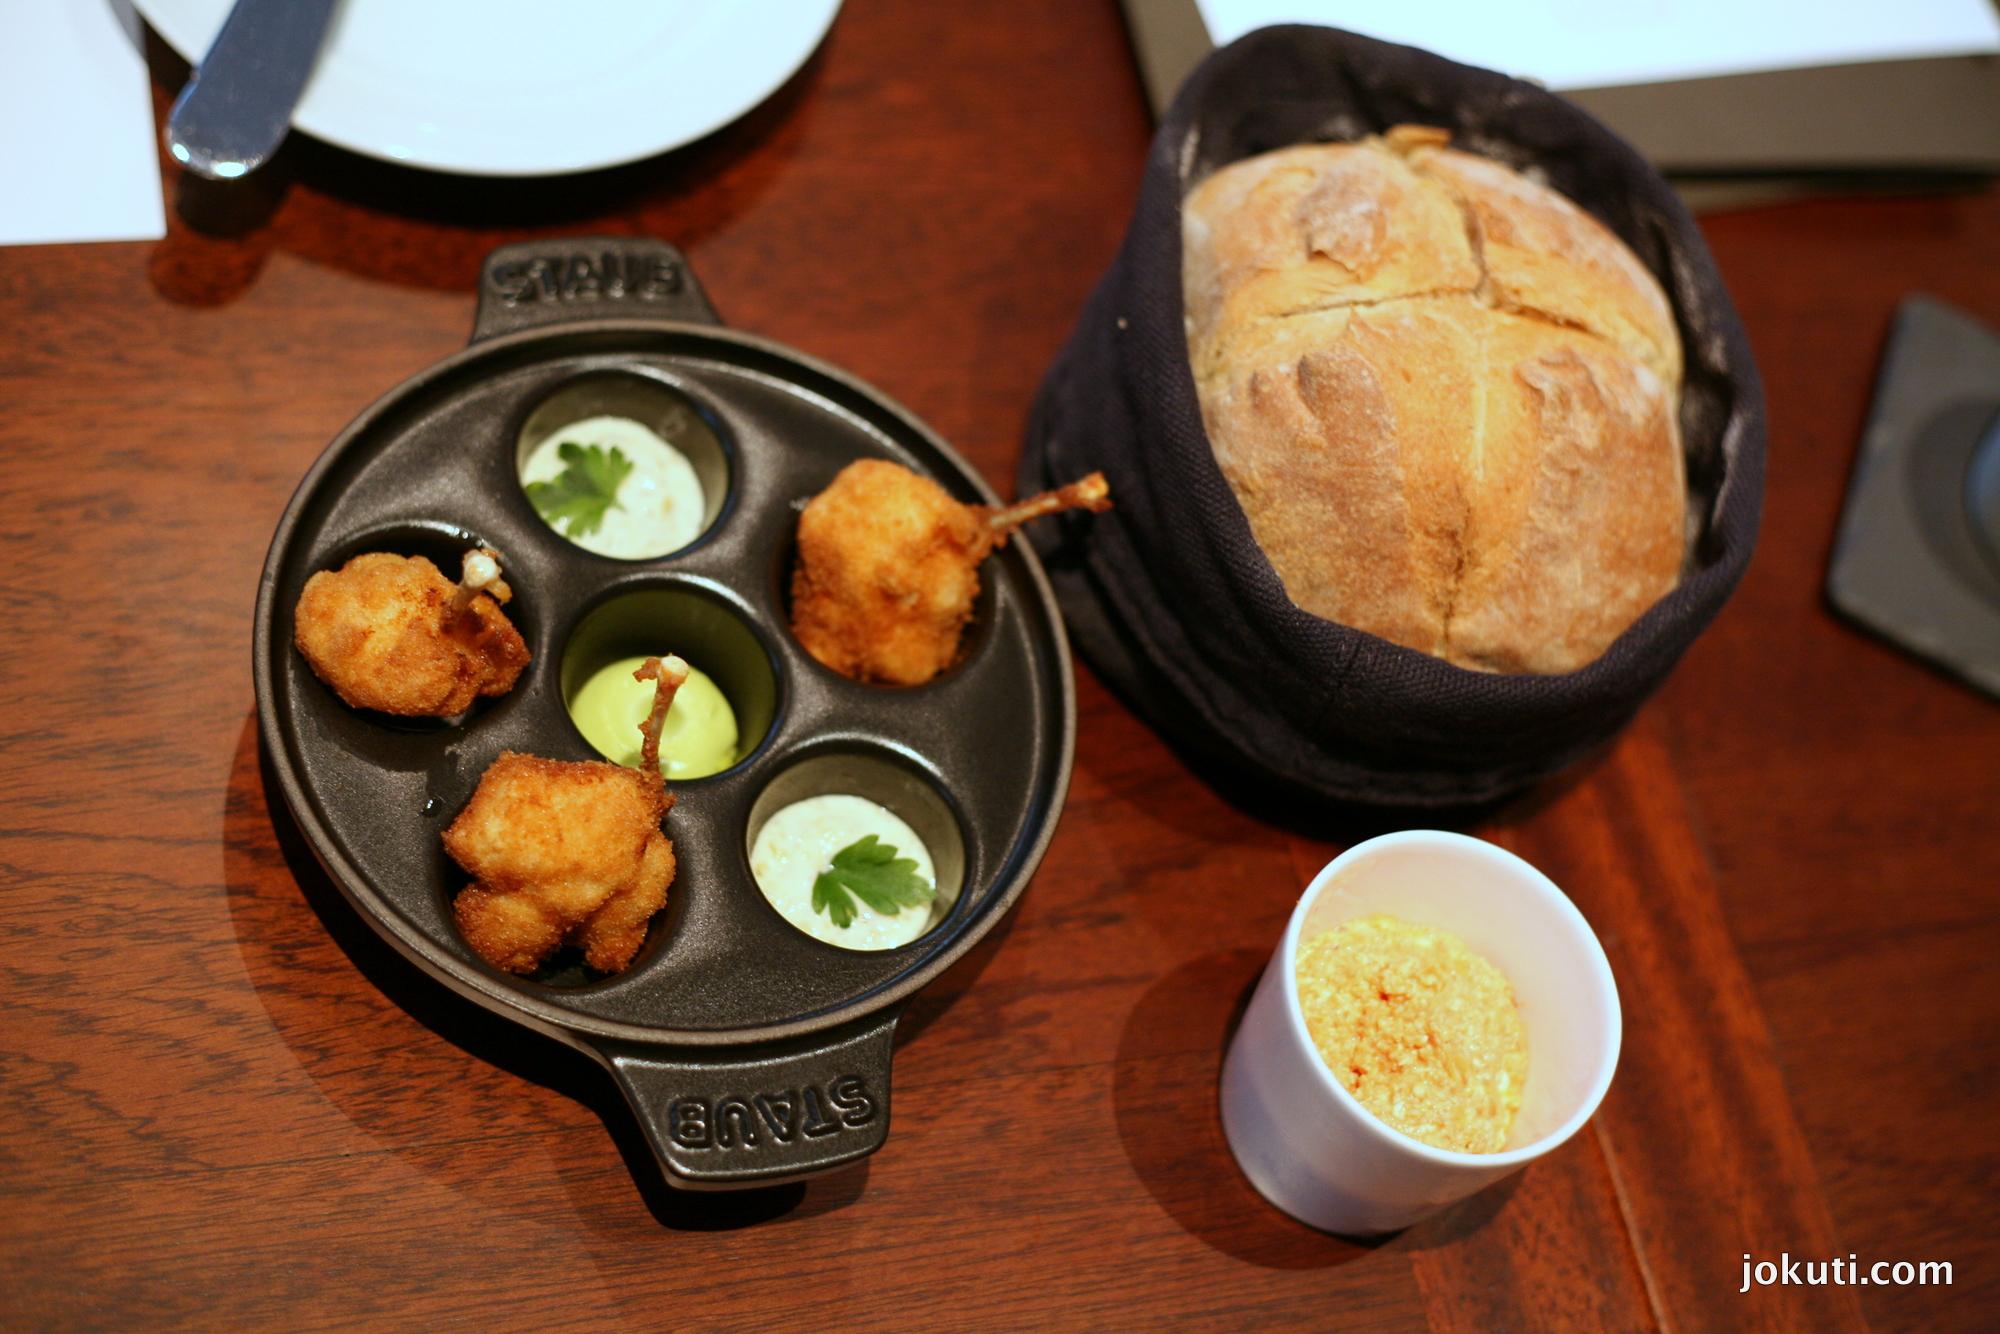 Békacomb, rilette, saját kenyér (a kenyeres tálban egy kis melegen tartó lap gondoskodik róla, hogy végig őrizze a hőmérsékletét)